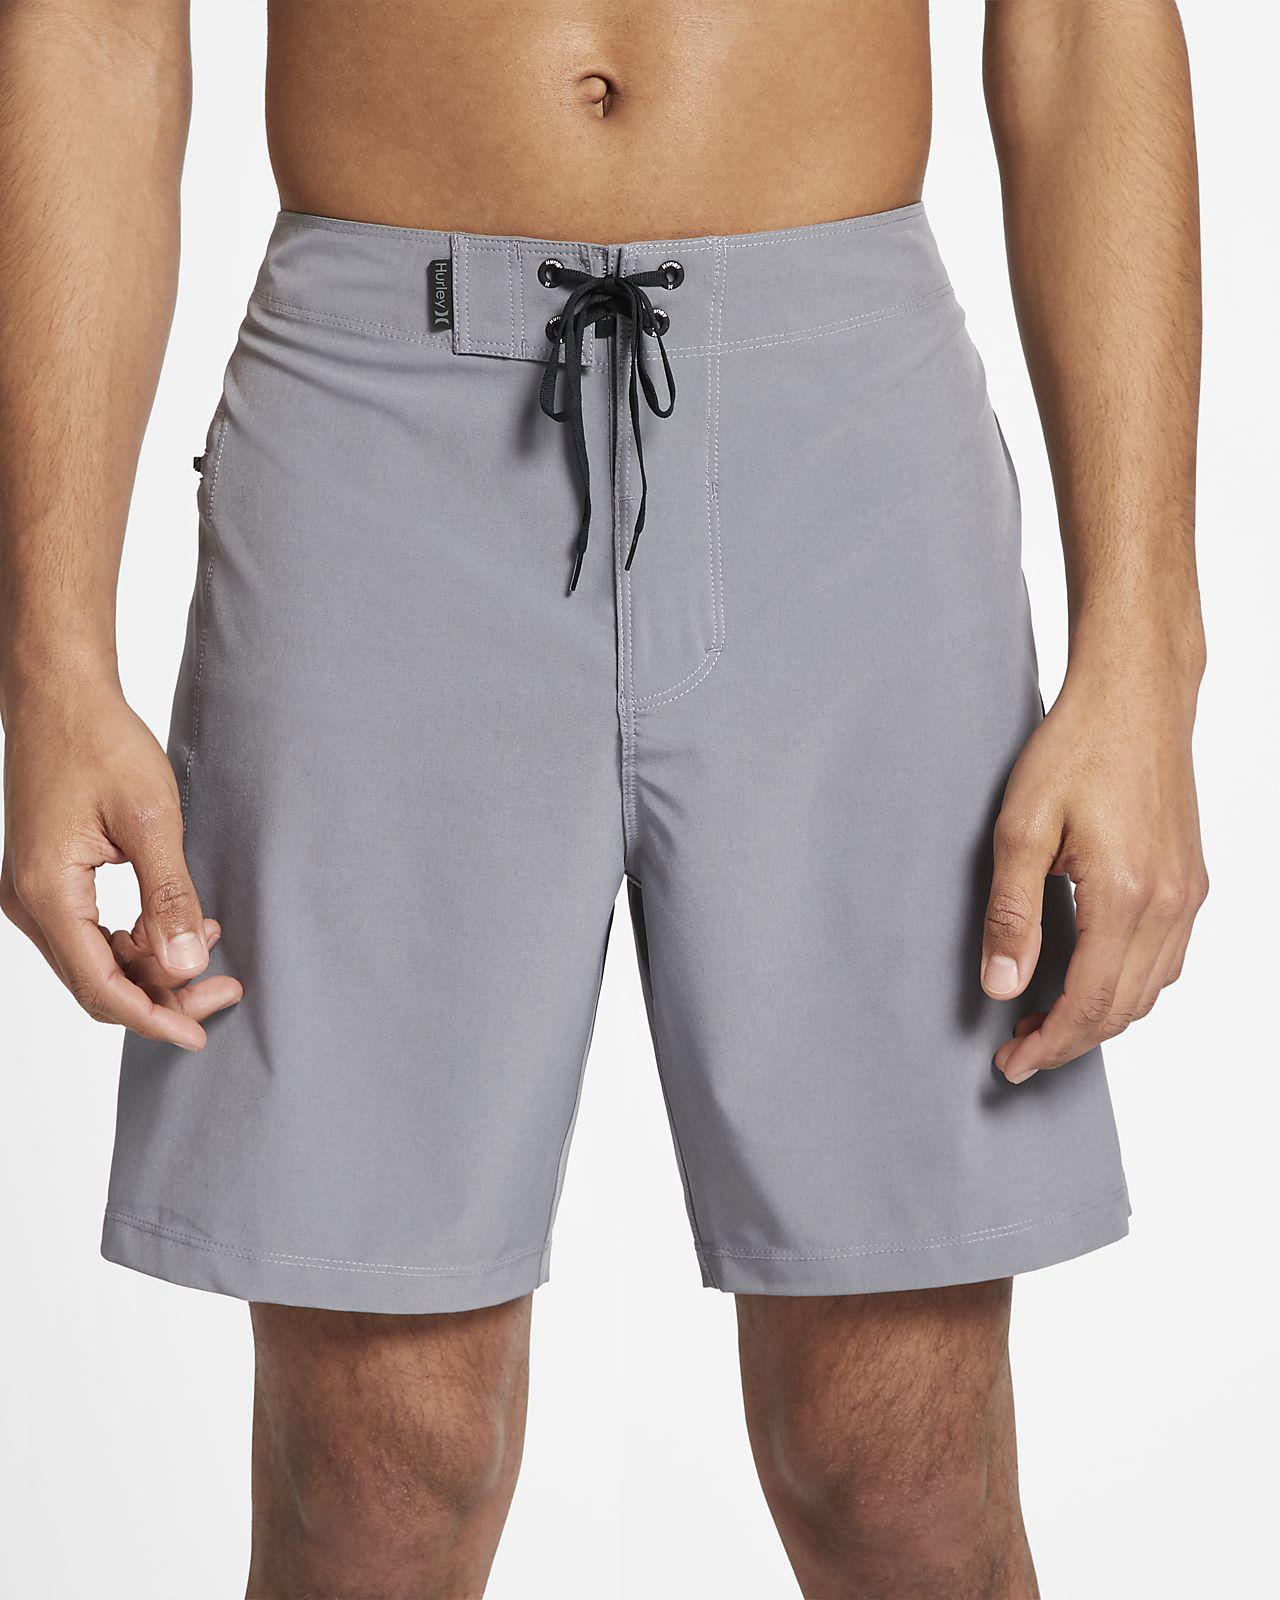 Shorts de playa de 46 cm para hombre Hurley Phantom One And Only